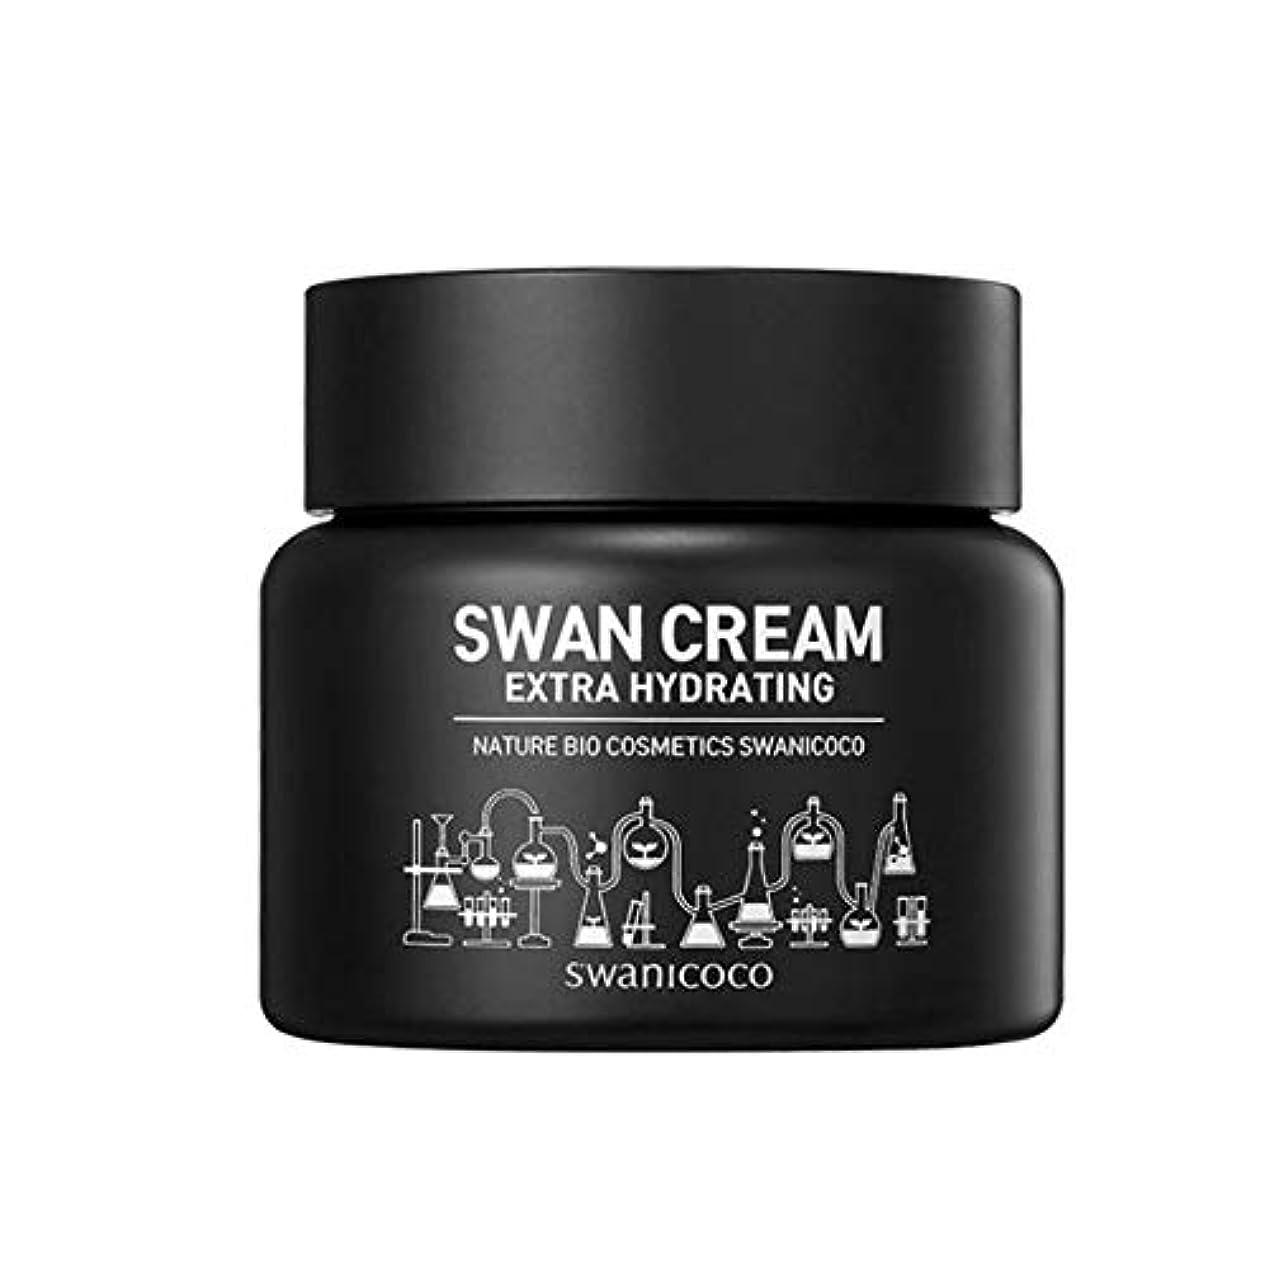 振り返るバンジージャンプ肌スワニーココ天然水分白鳥クリームブラック50ml、Swanicoco Natural Water Swan Cream Black 50ml [並行輸入品]